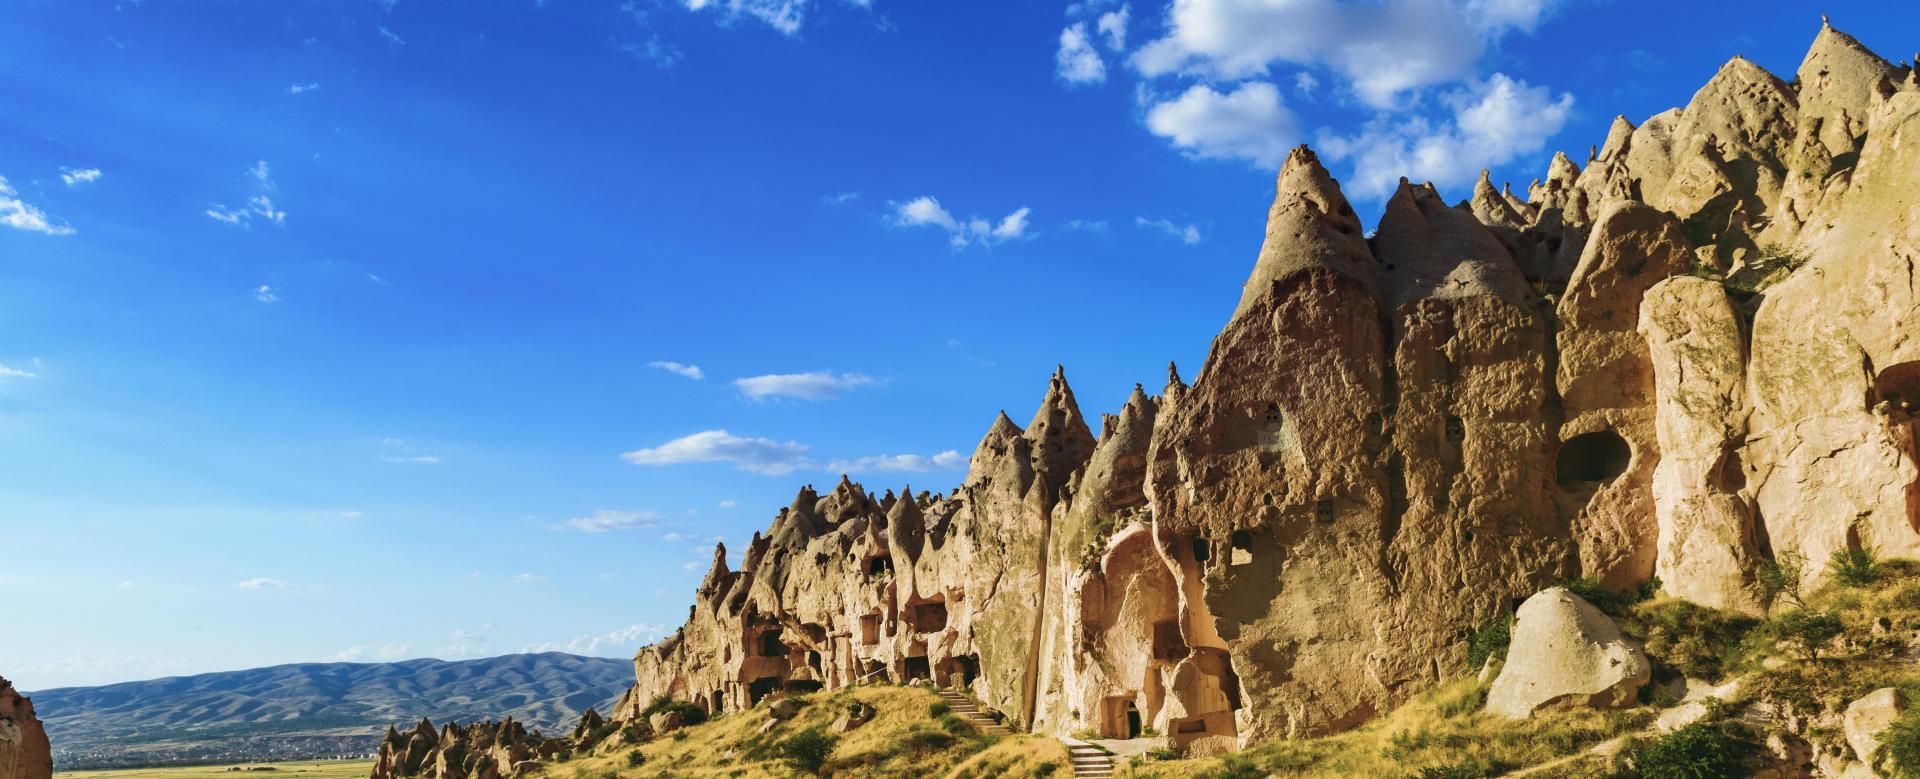 Voyage à pied : Turquie : Tour de la cappadoce